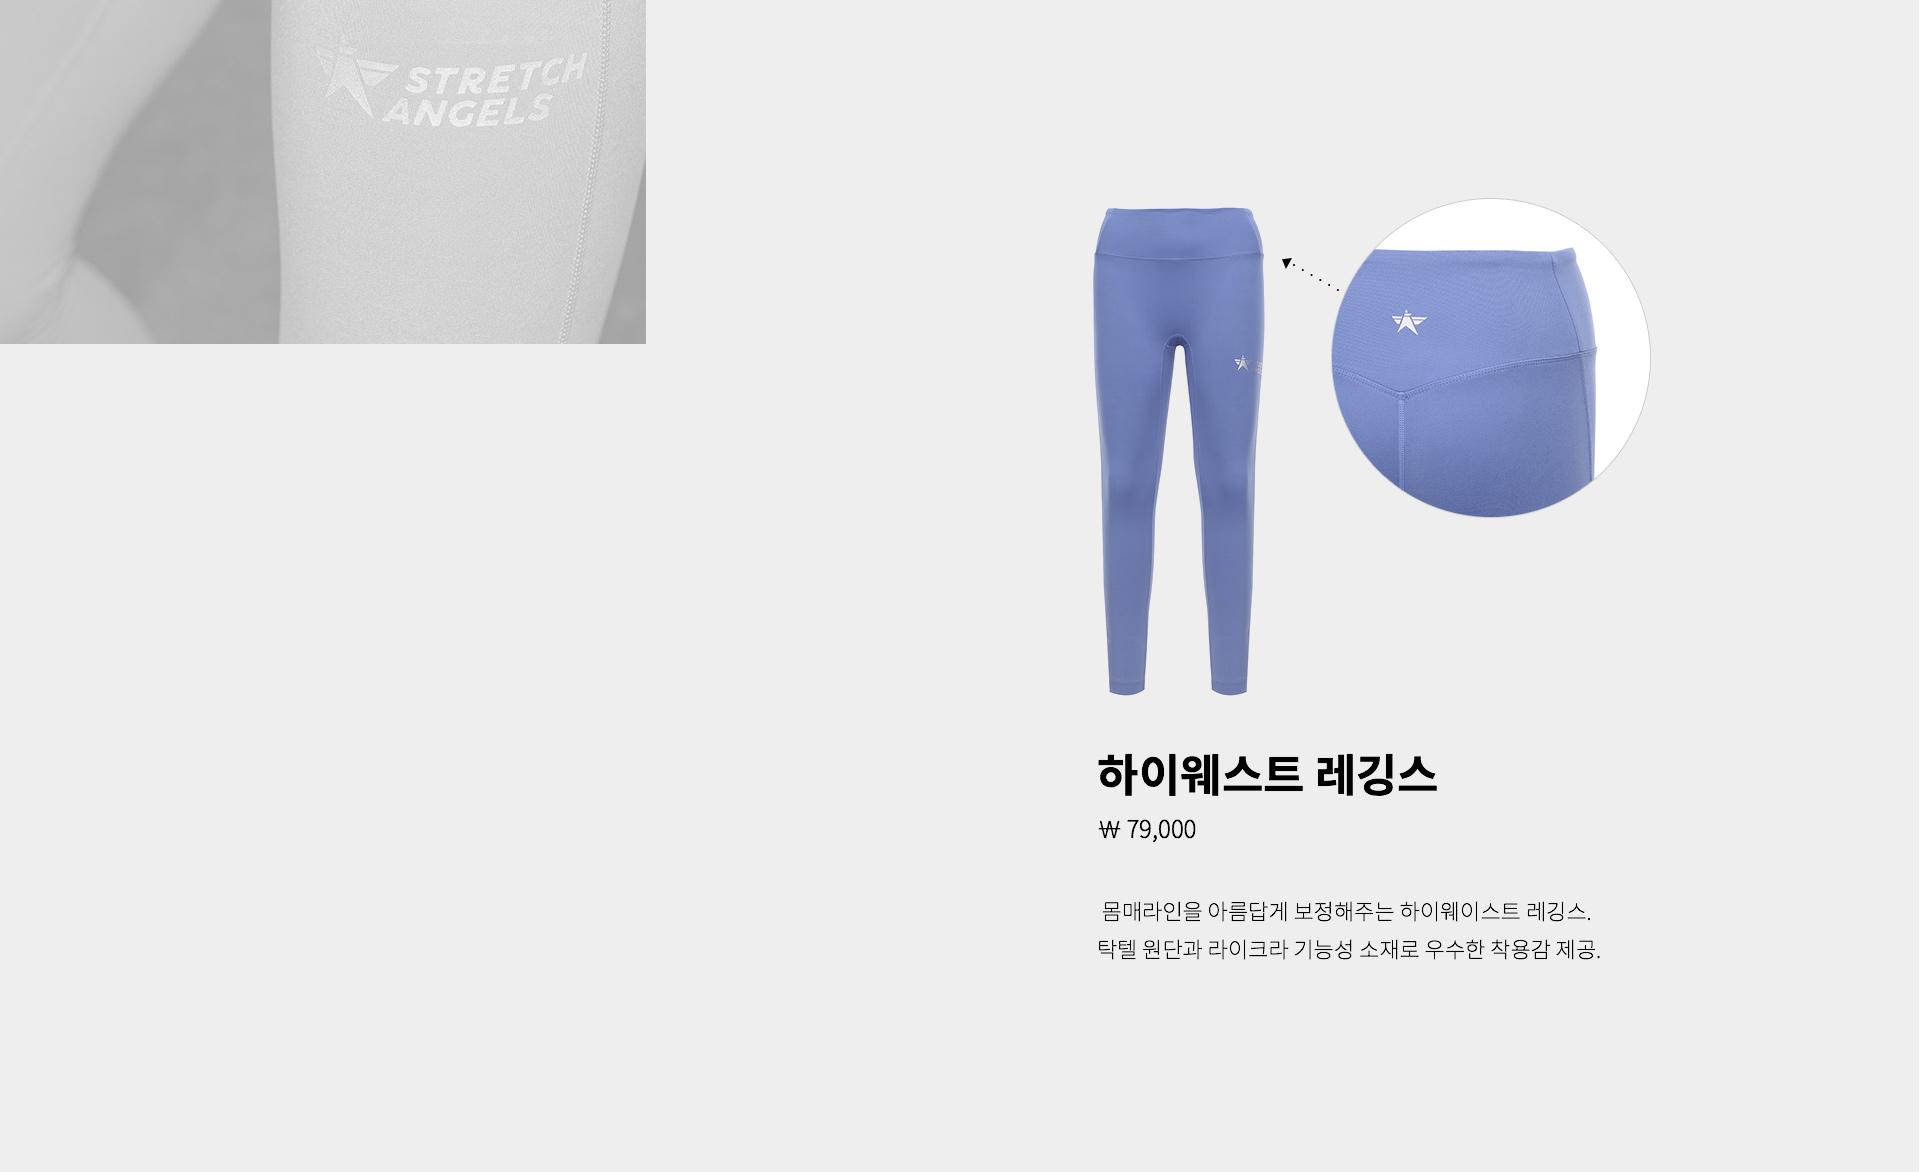 하이웨스트 레깅스 ₩79,000 몸매라인을 아름답게 보정해주는 하이웨이스트 레깅스. 탁텔 원단과 라이크라 기능성 소재로 우수한 착용감 제공.